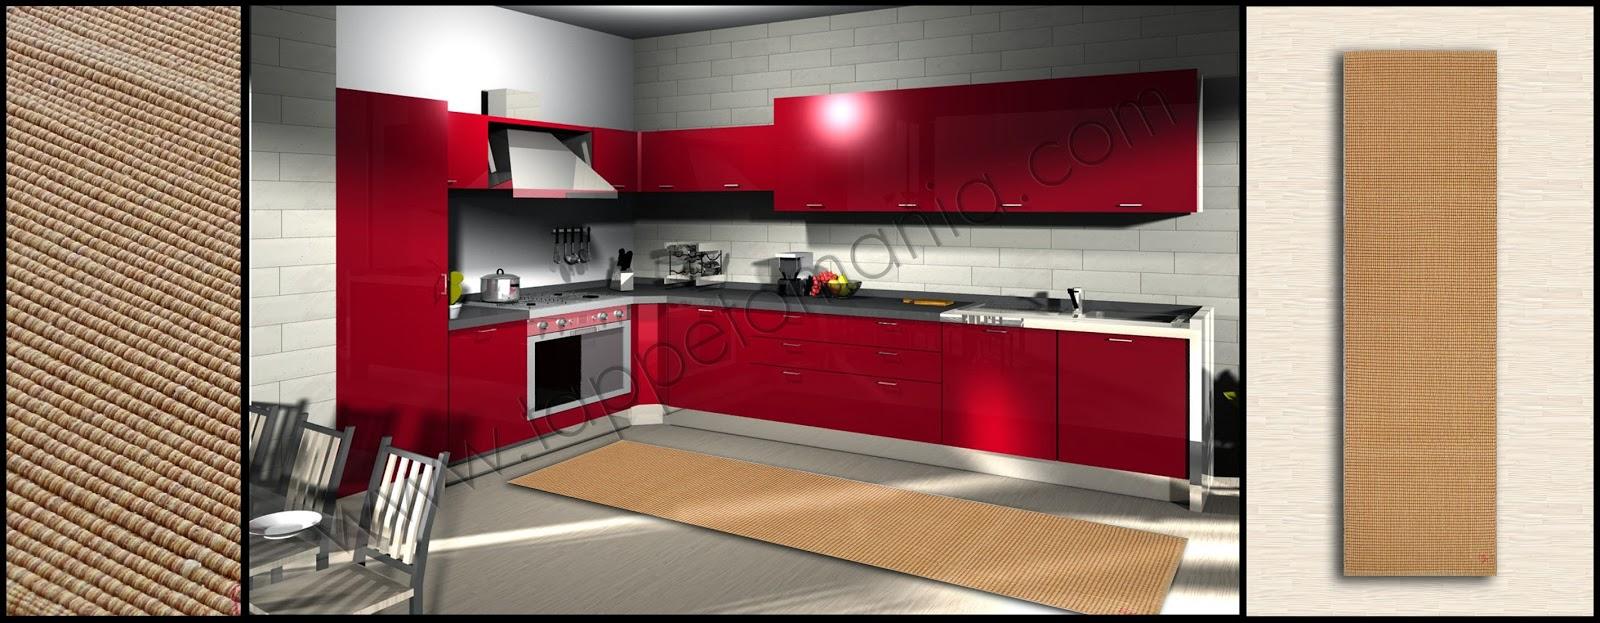 Tappeti cucina country idee per il design della casa - Vernici lavabili per cucina ...